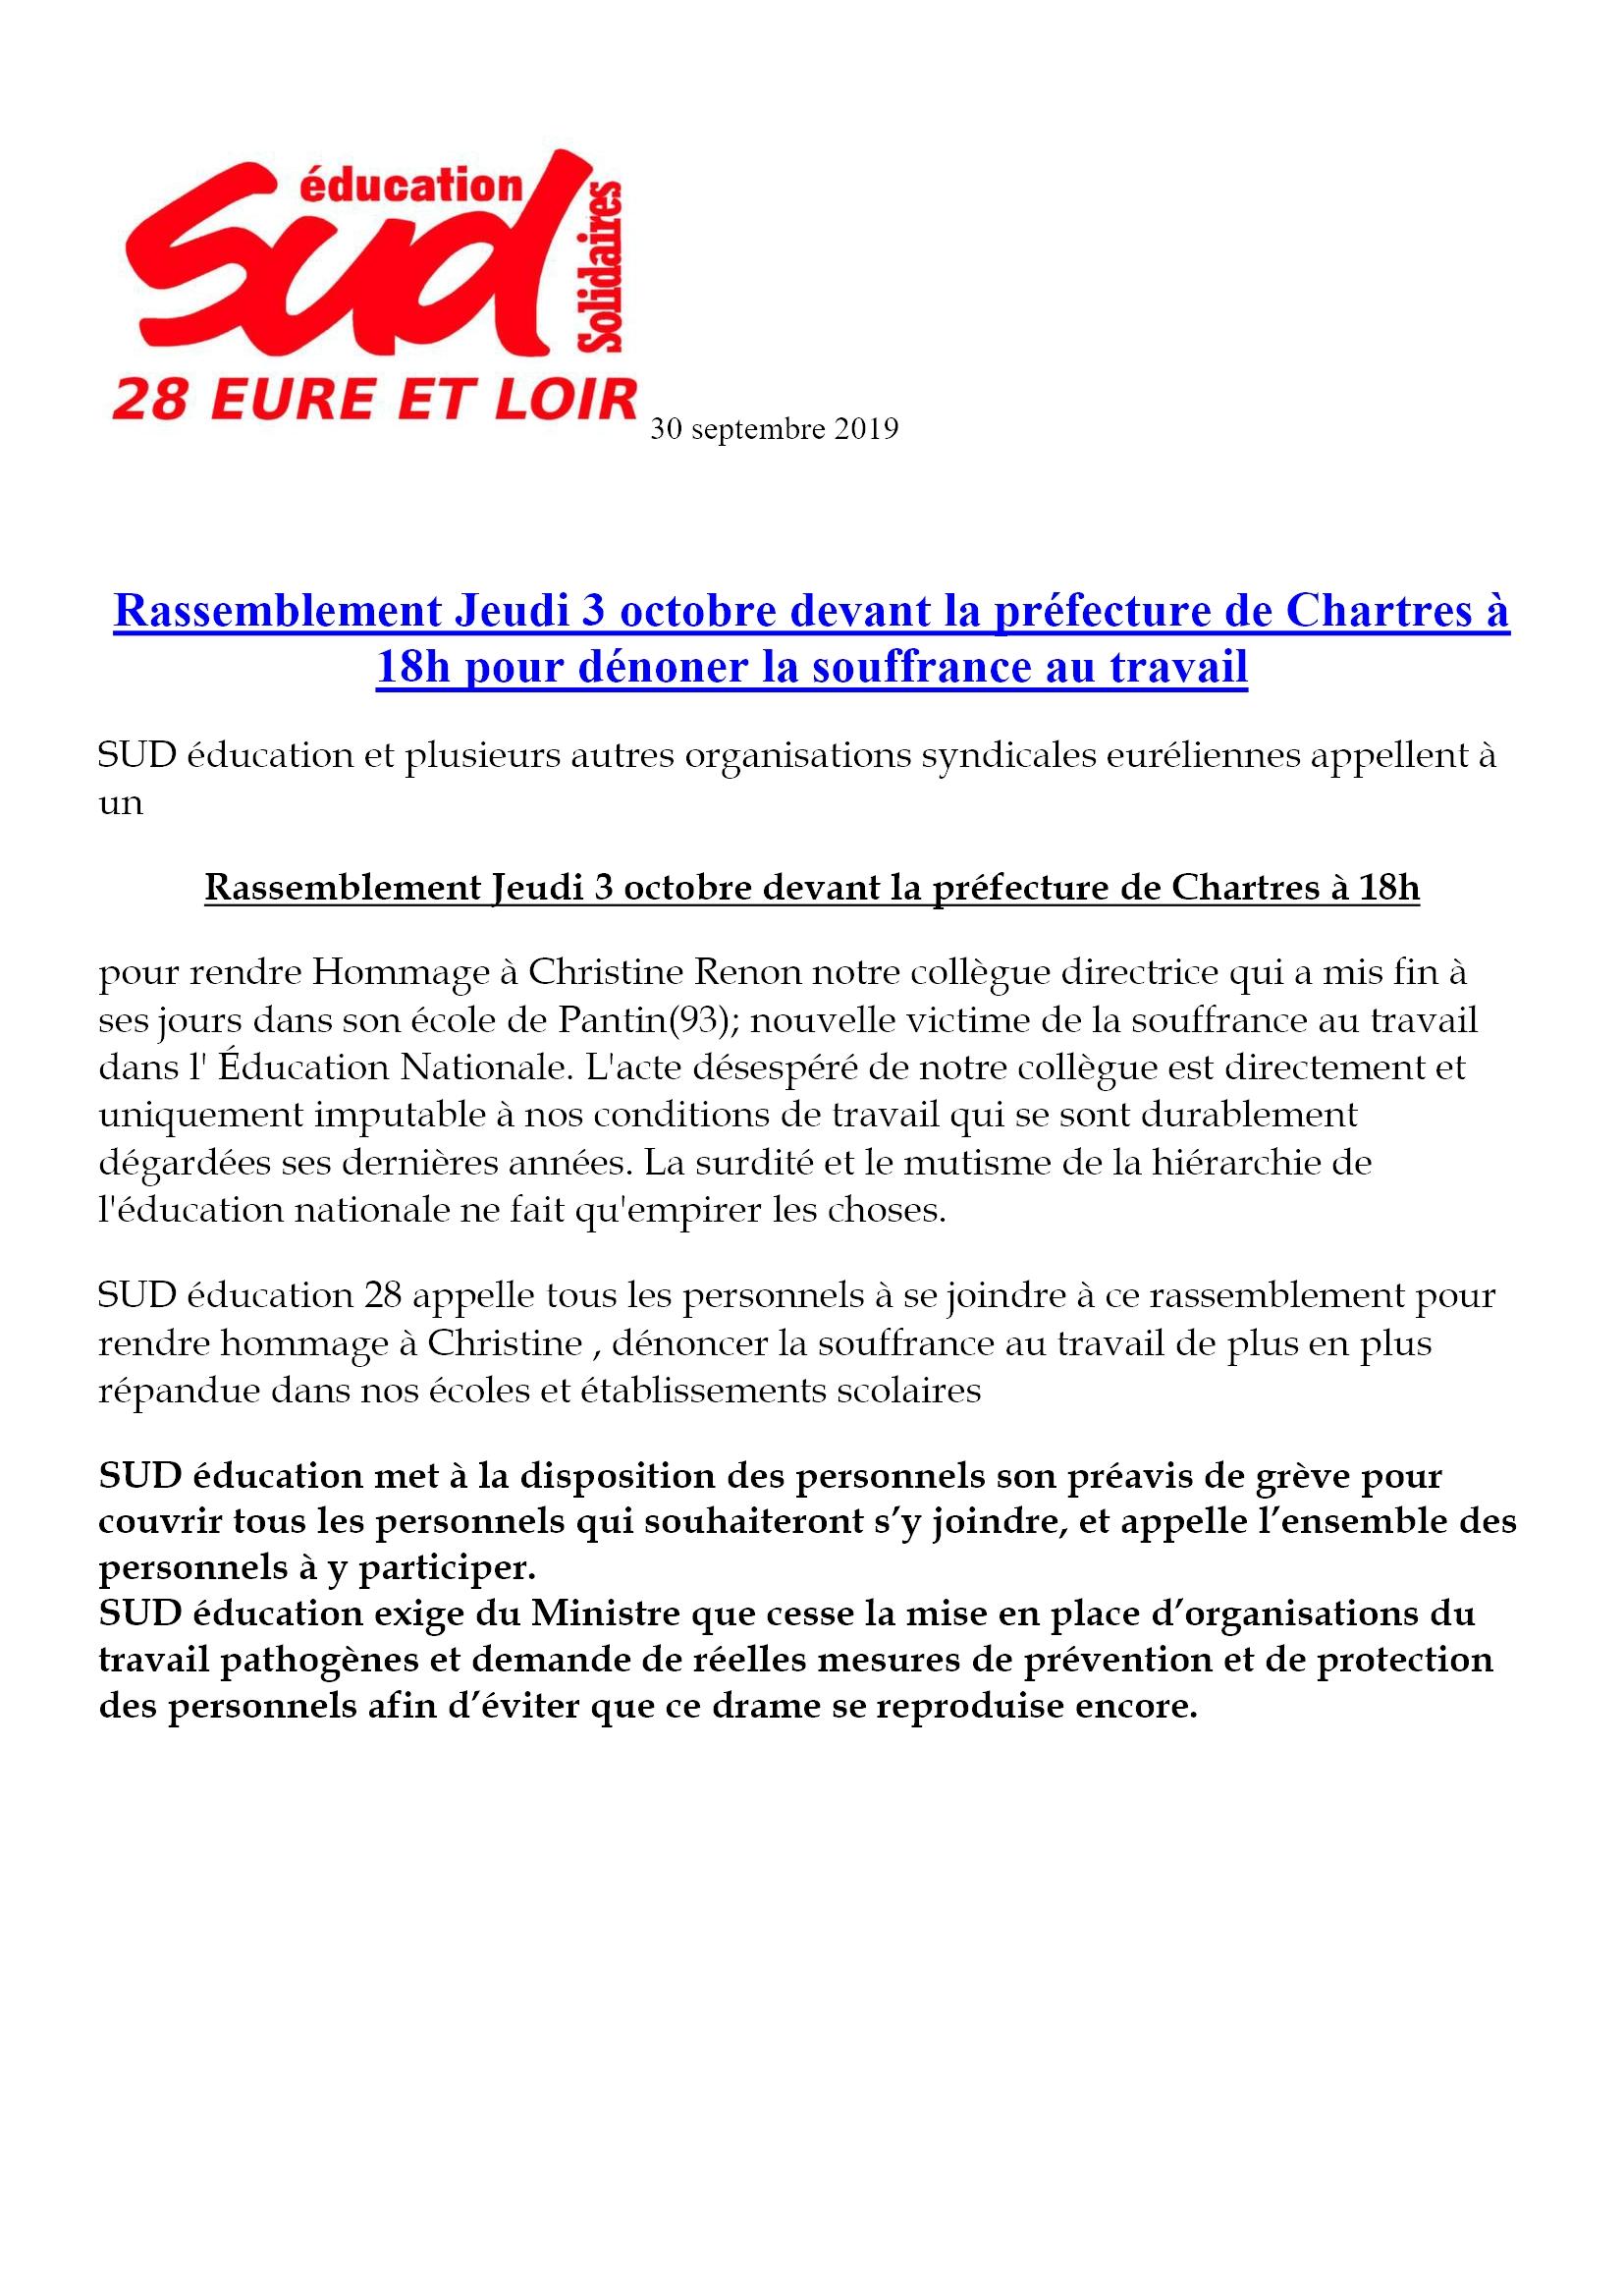 C.Renon Communiqué du SUD-Éducation-28 30-09-2019